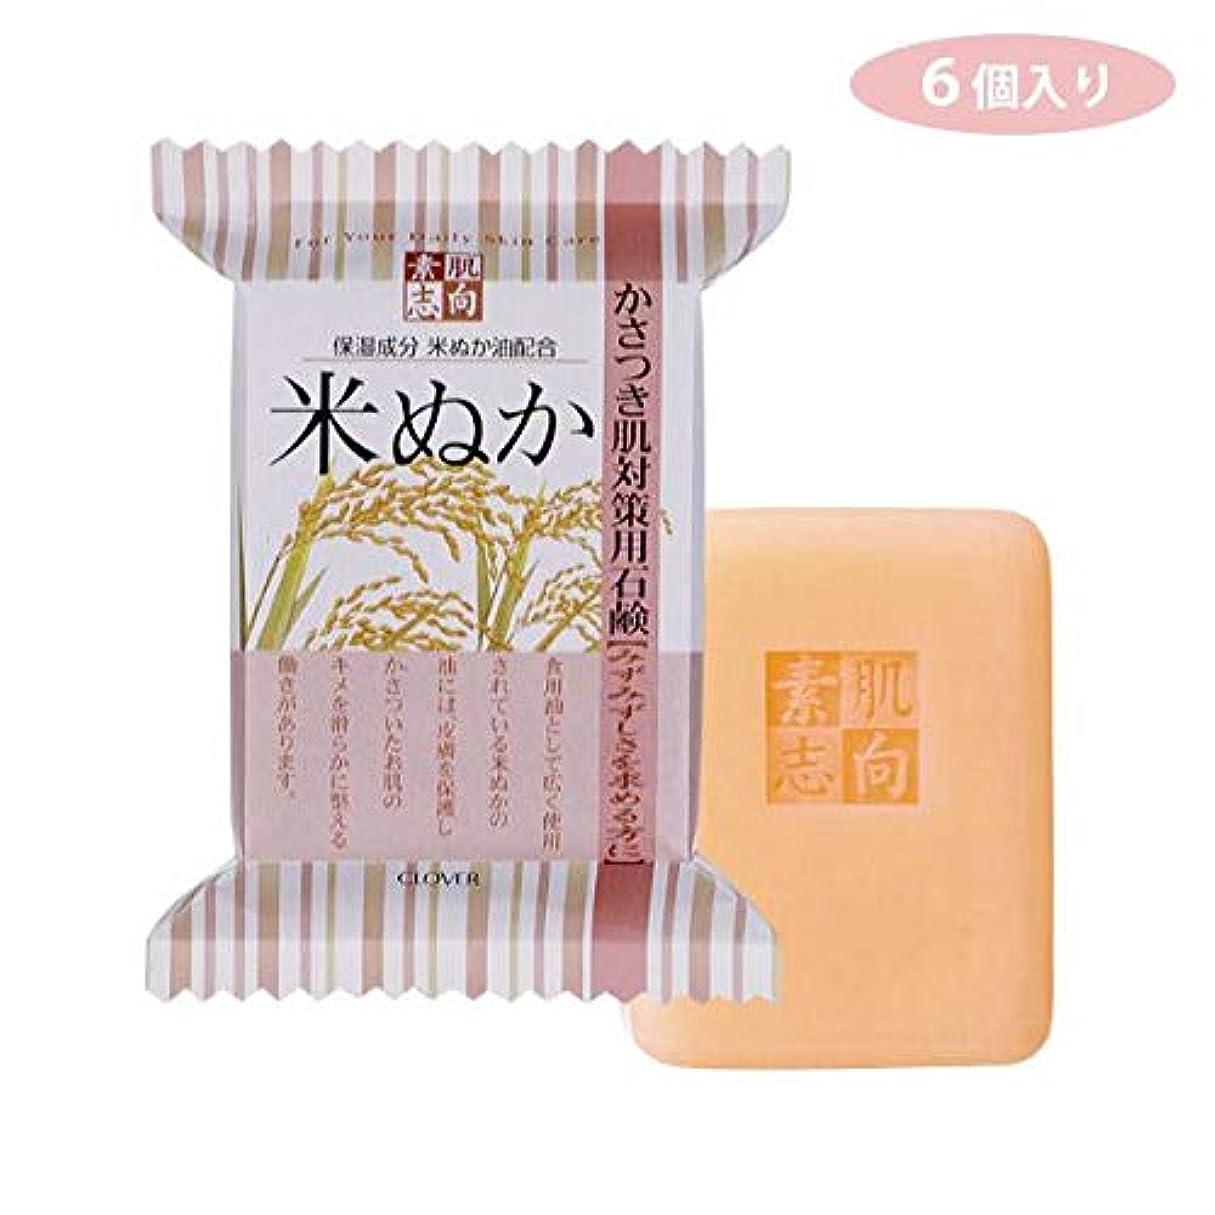 社会放射するアナリストクロバーコーポレーション CSN-25KO 6個入り 素肌志向 米ぬか 石けん 洗顔 セット